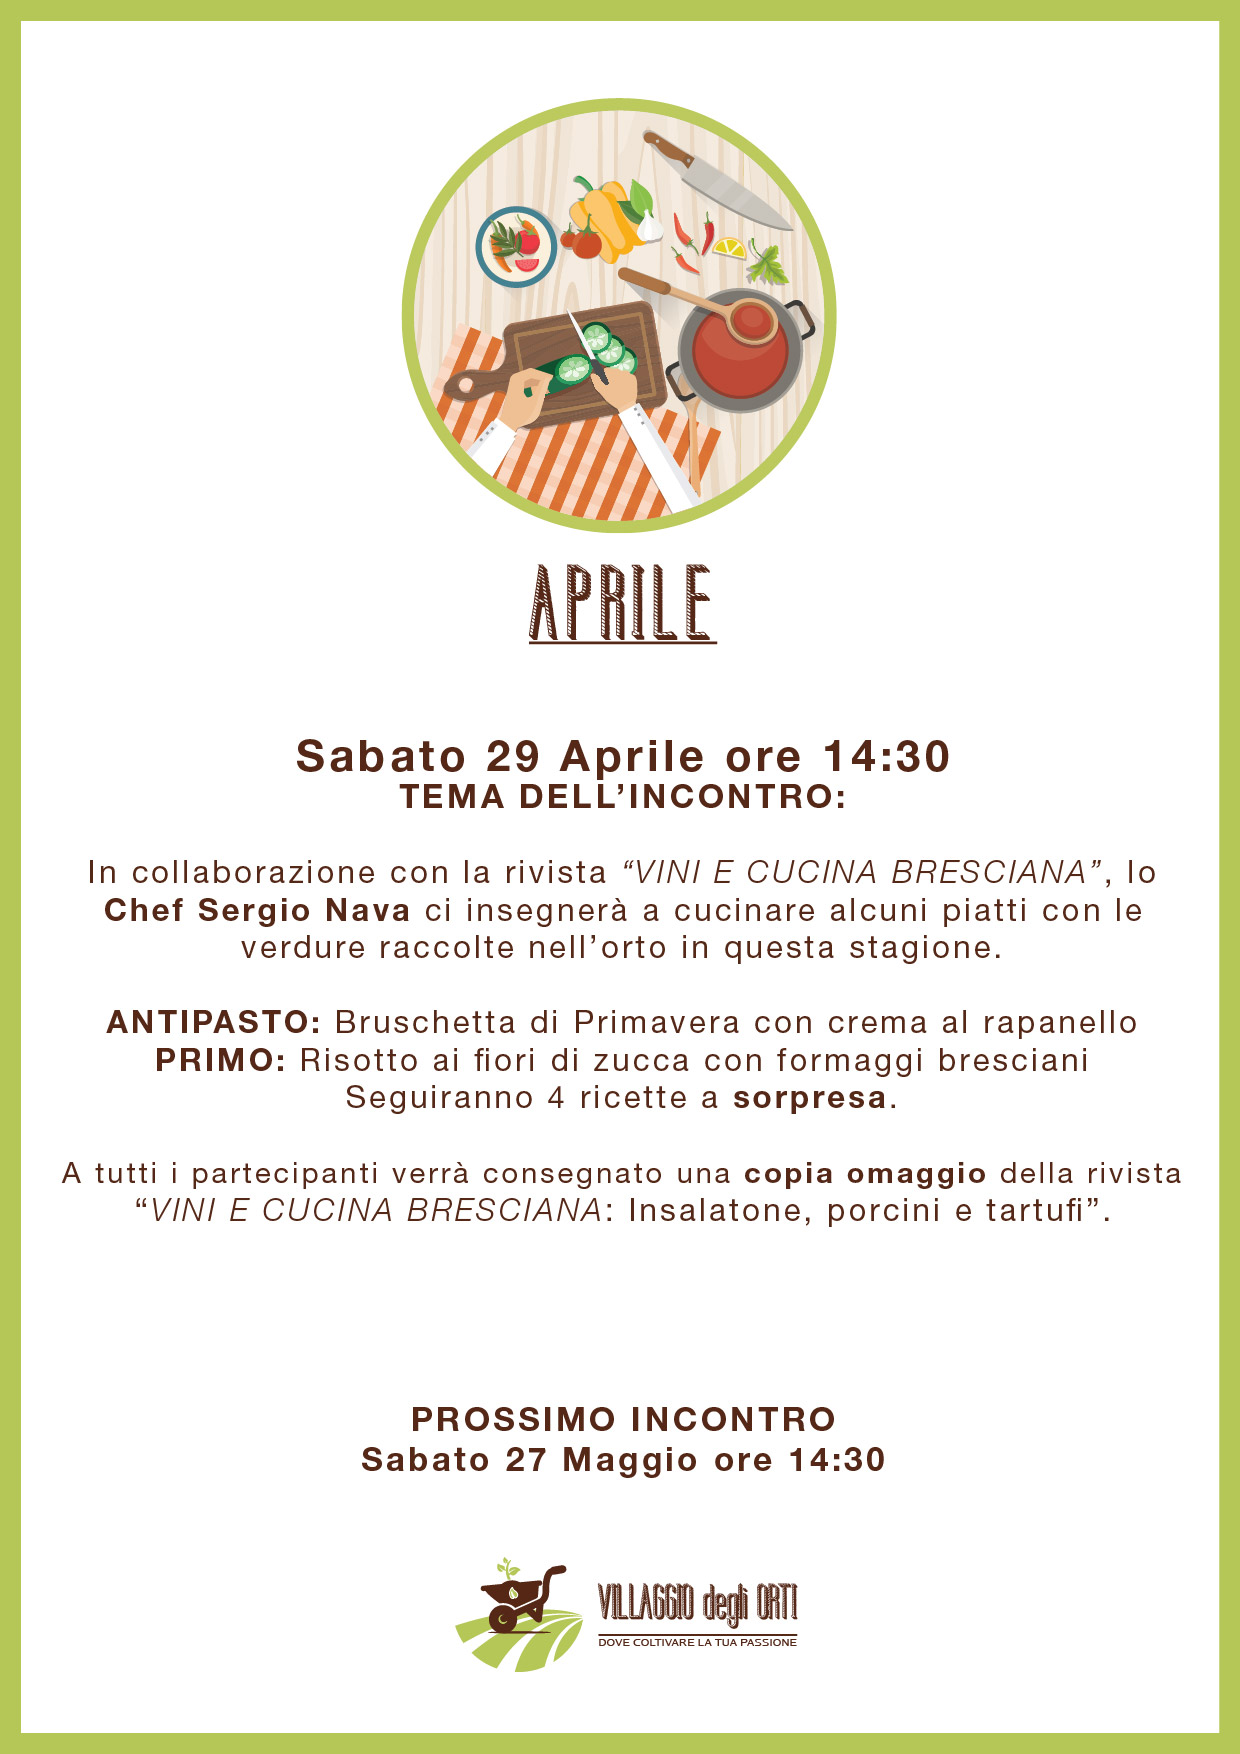 Villaggio degli orti brescia corsi di cucina aprile - Corsi cucina brescia ...